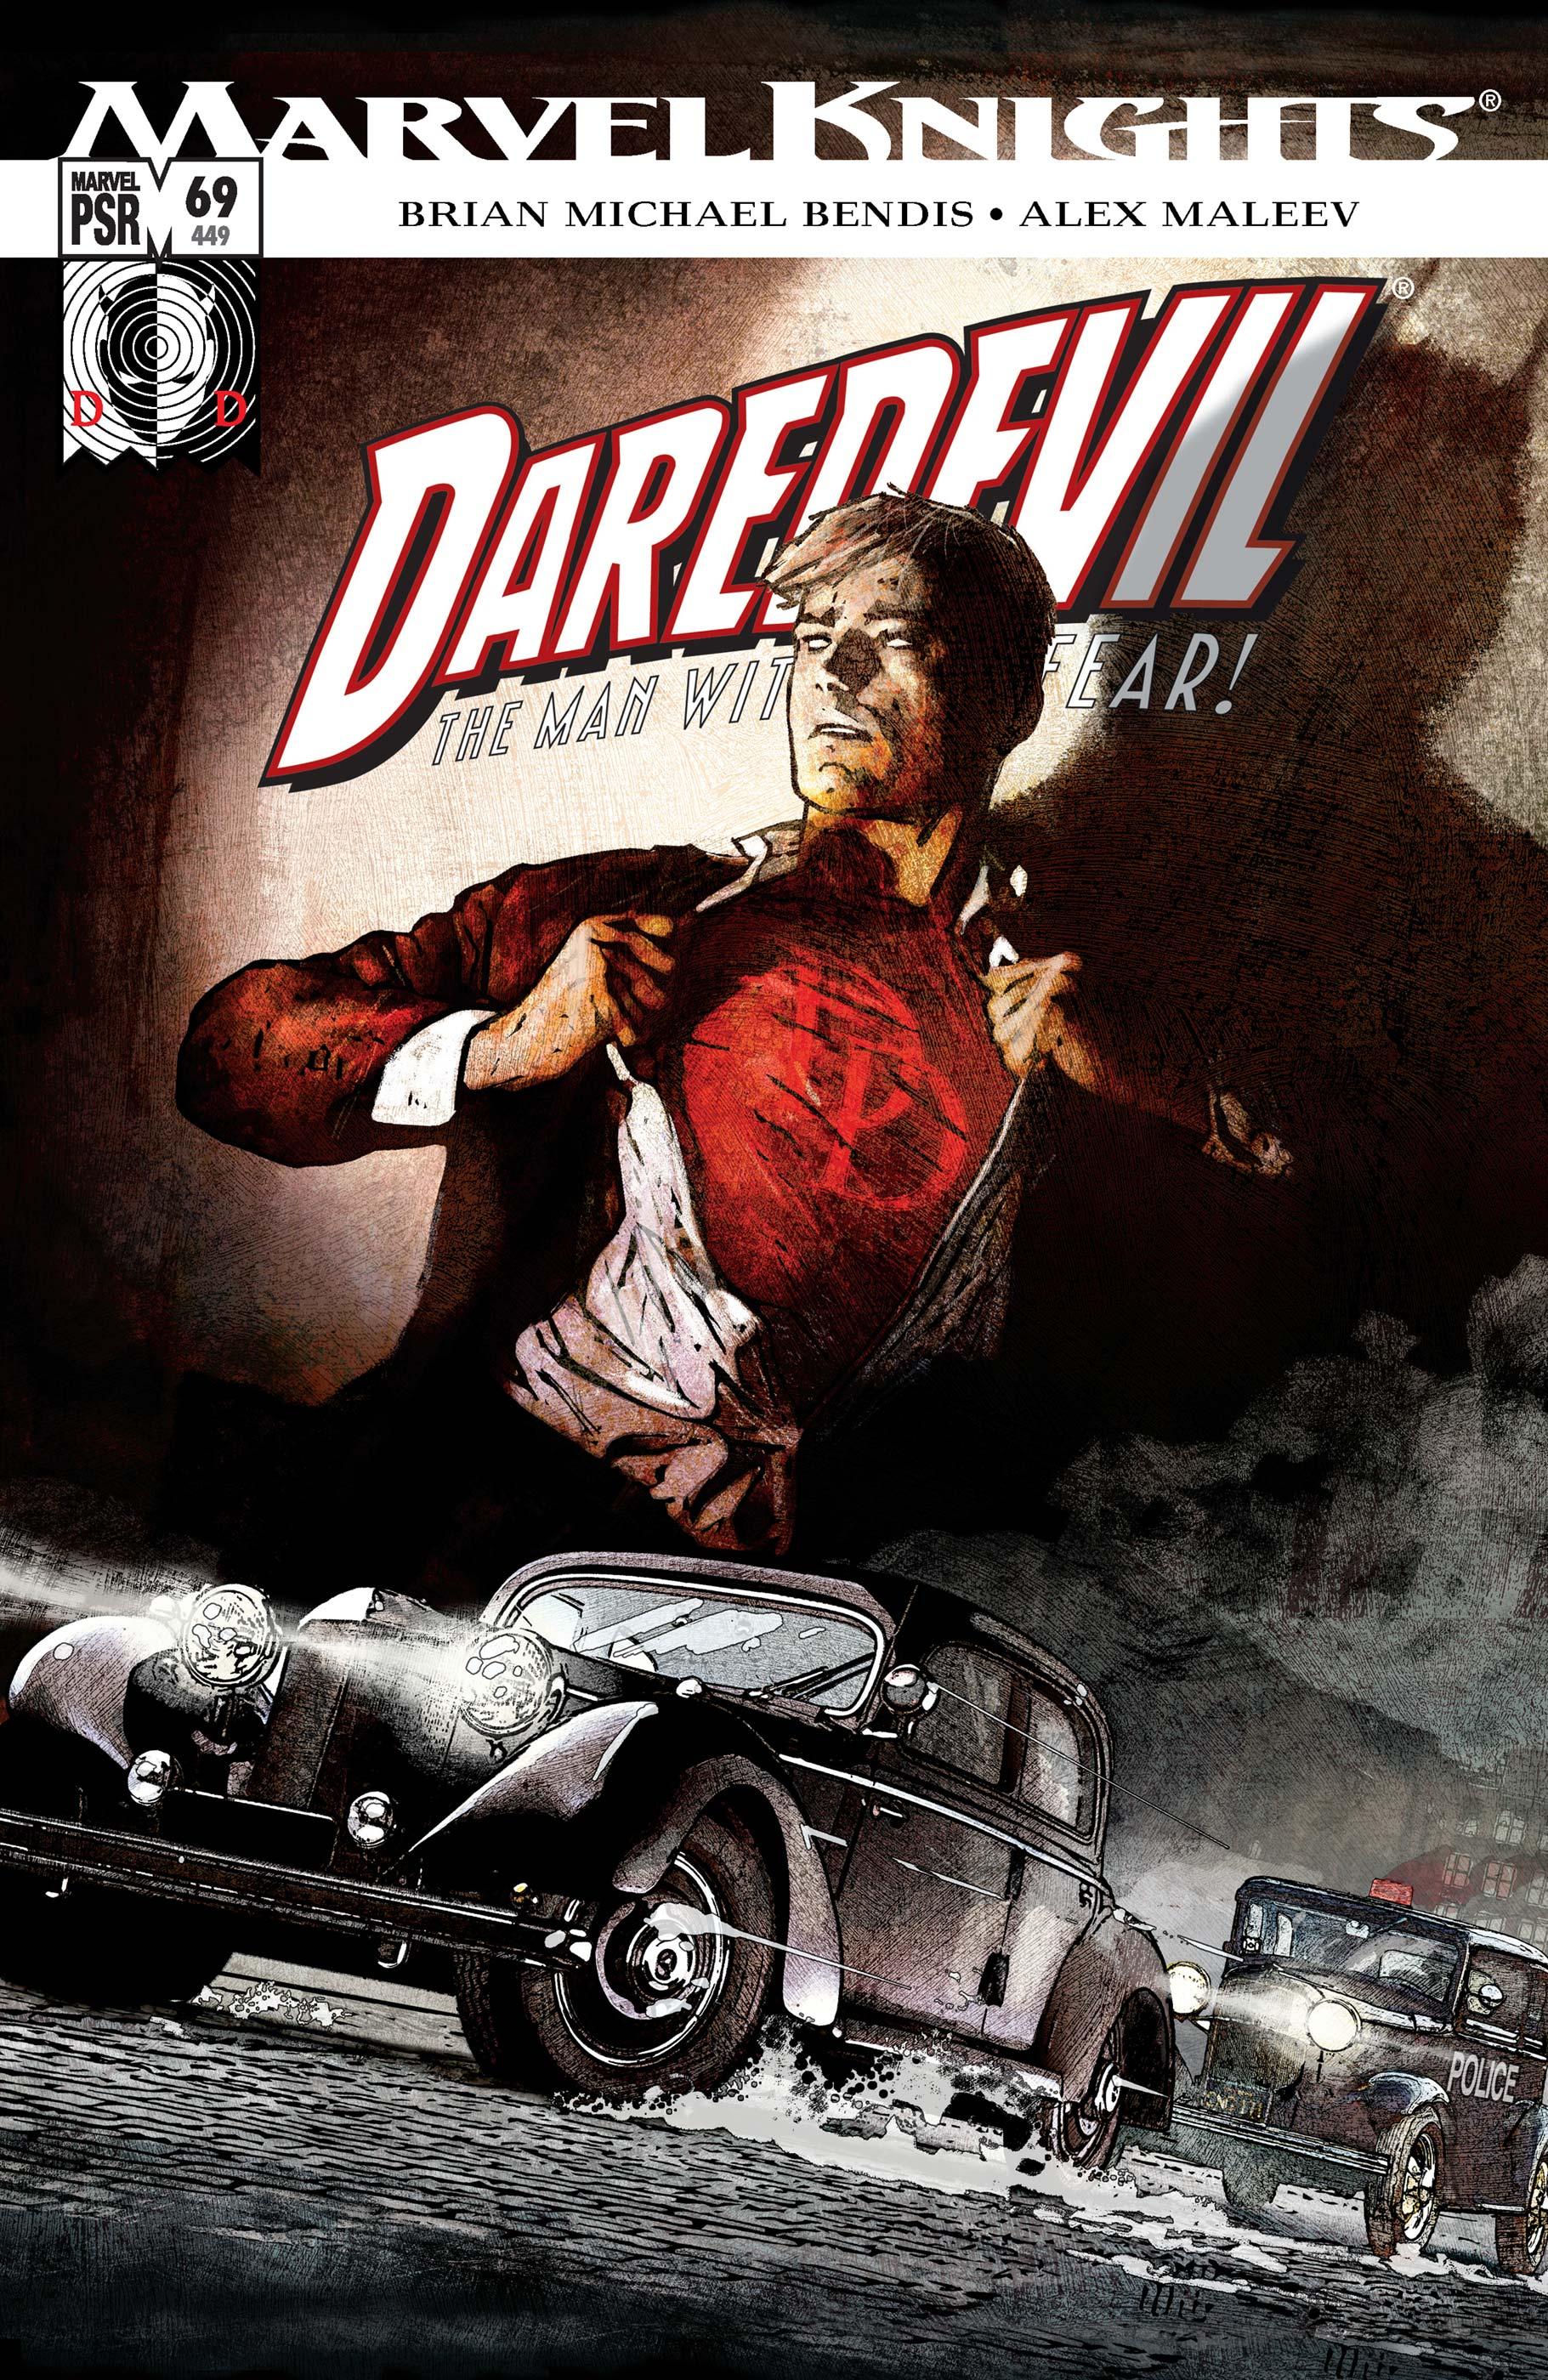 Daredevil (1998) #69